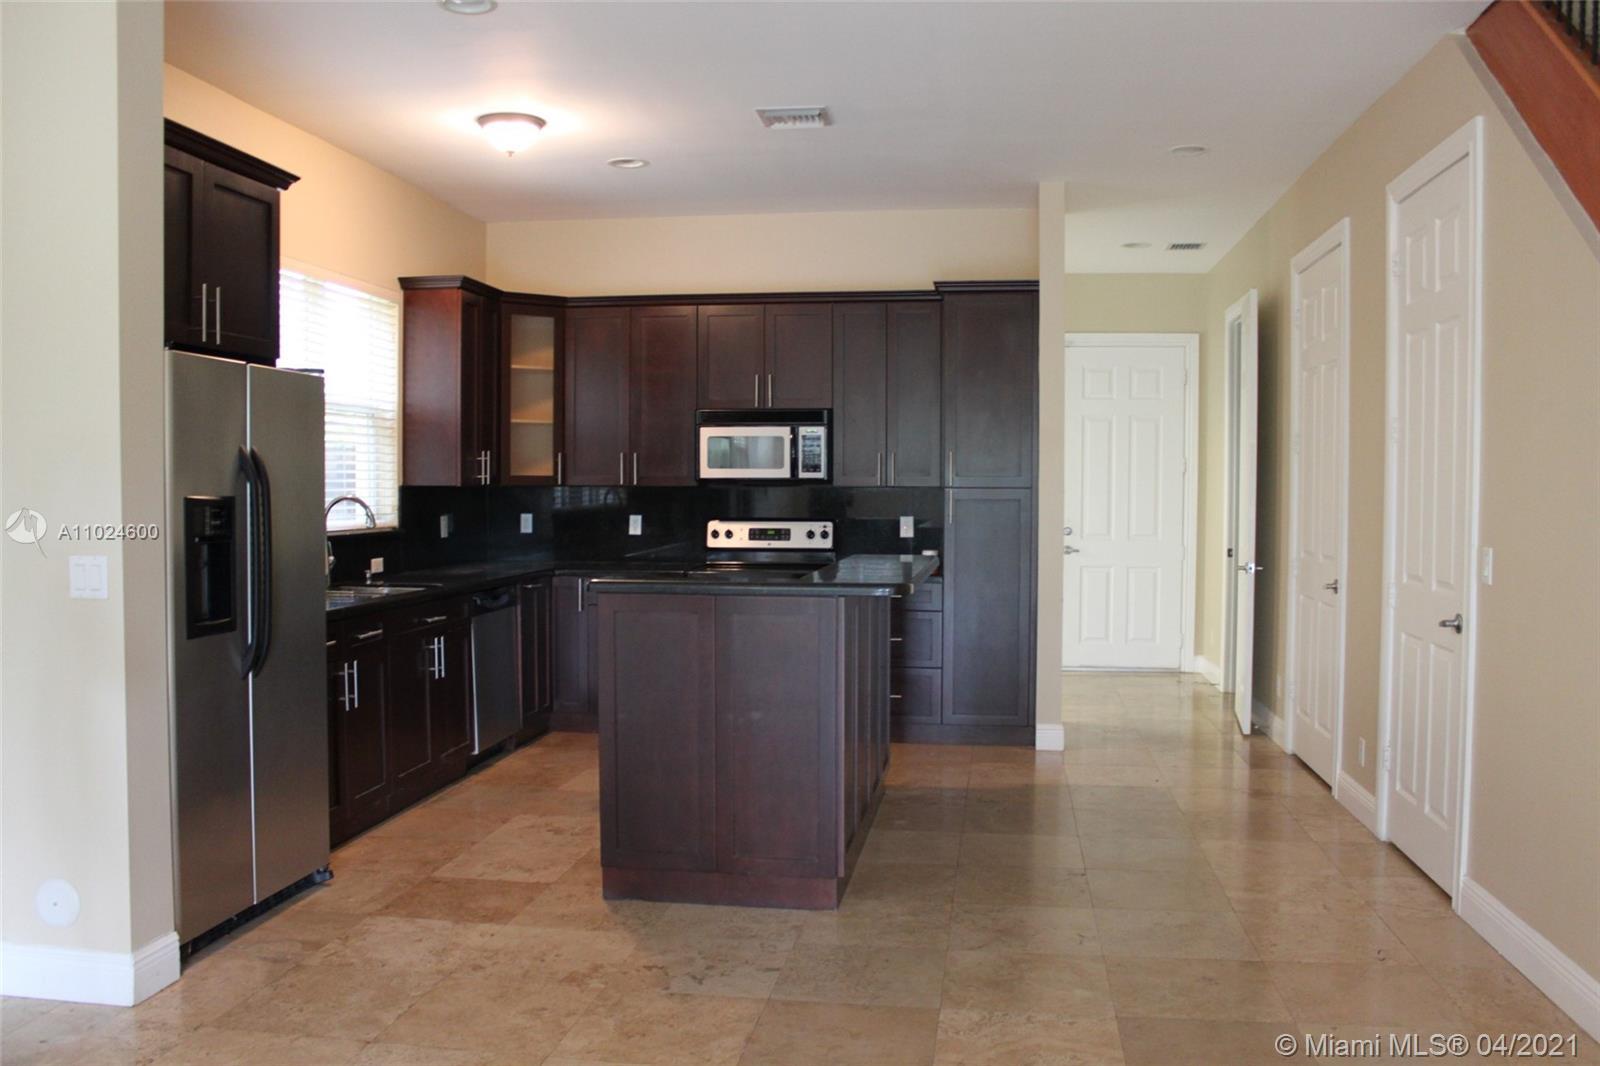 1223 NE 11th Ave  For Sale A11024600, FL